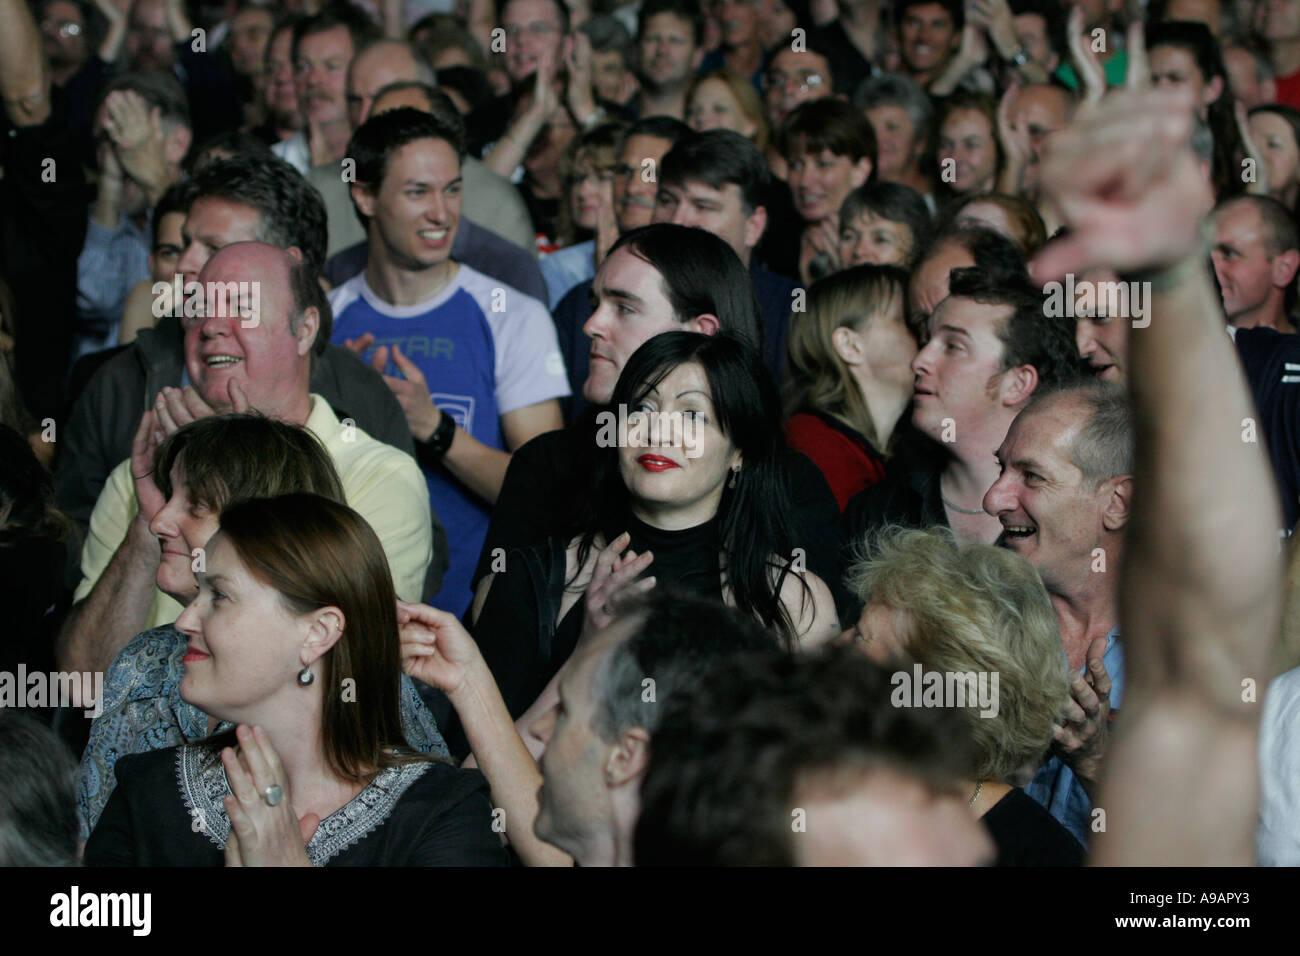 Musikfreunde beim Konzert Stockbild